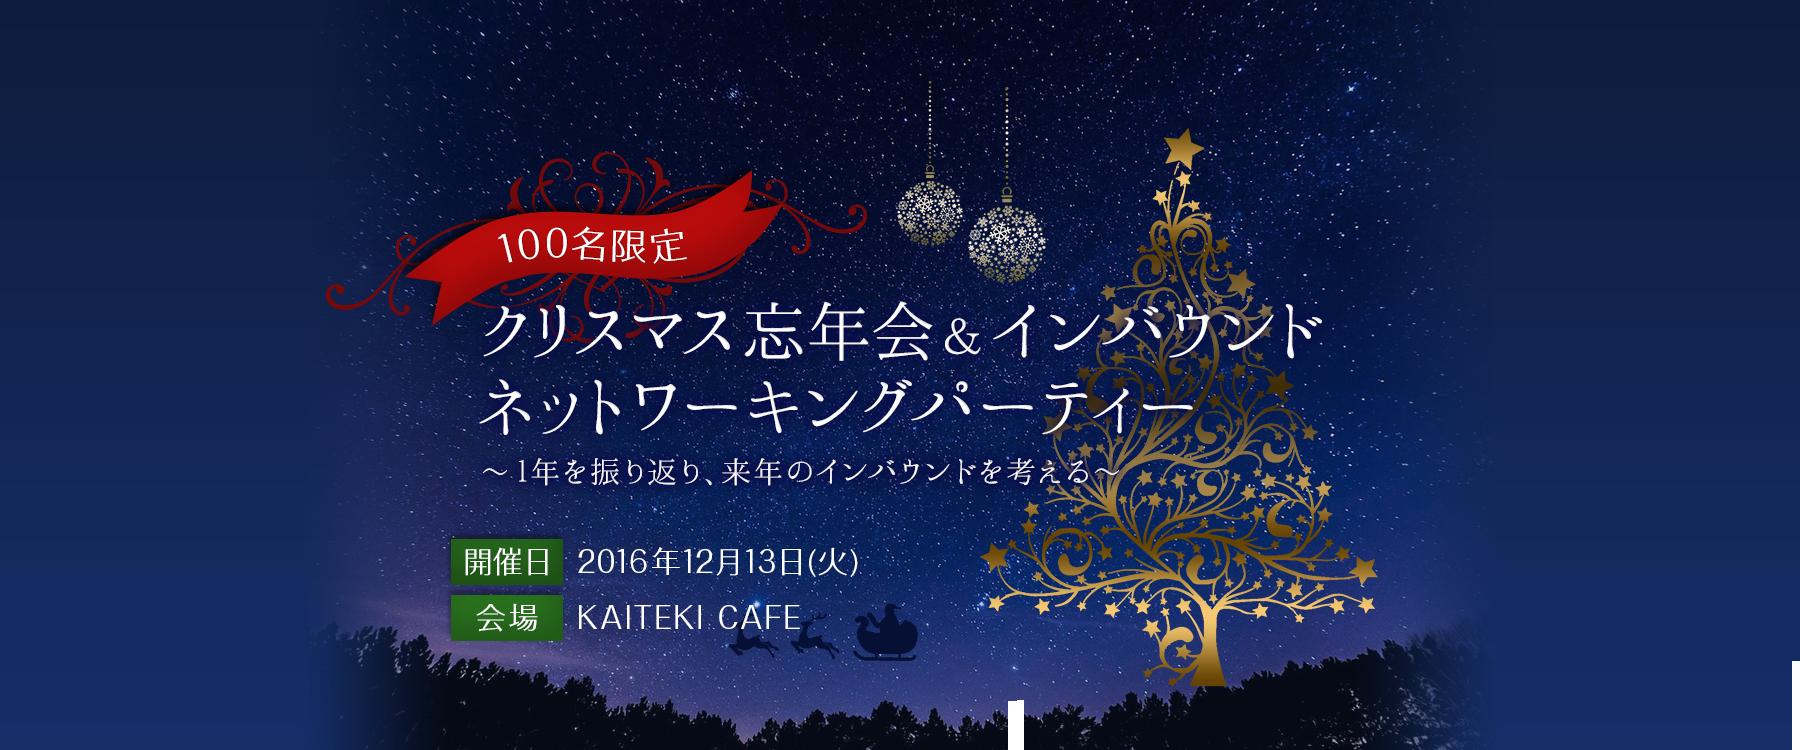 インバウンド,クリスマスパーティ,忘年会,株式会社ビヨンド,株式会社BEYOND,道越万由子